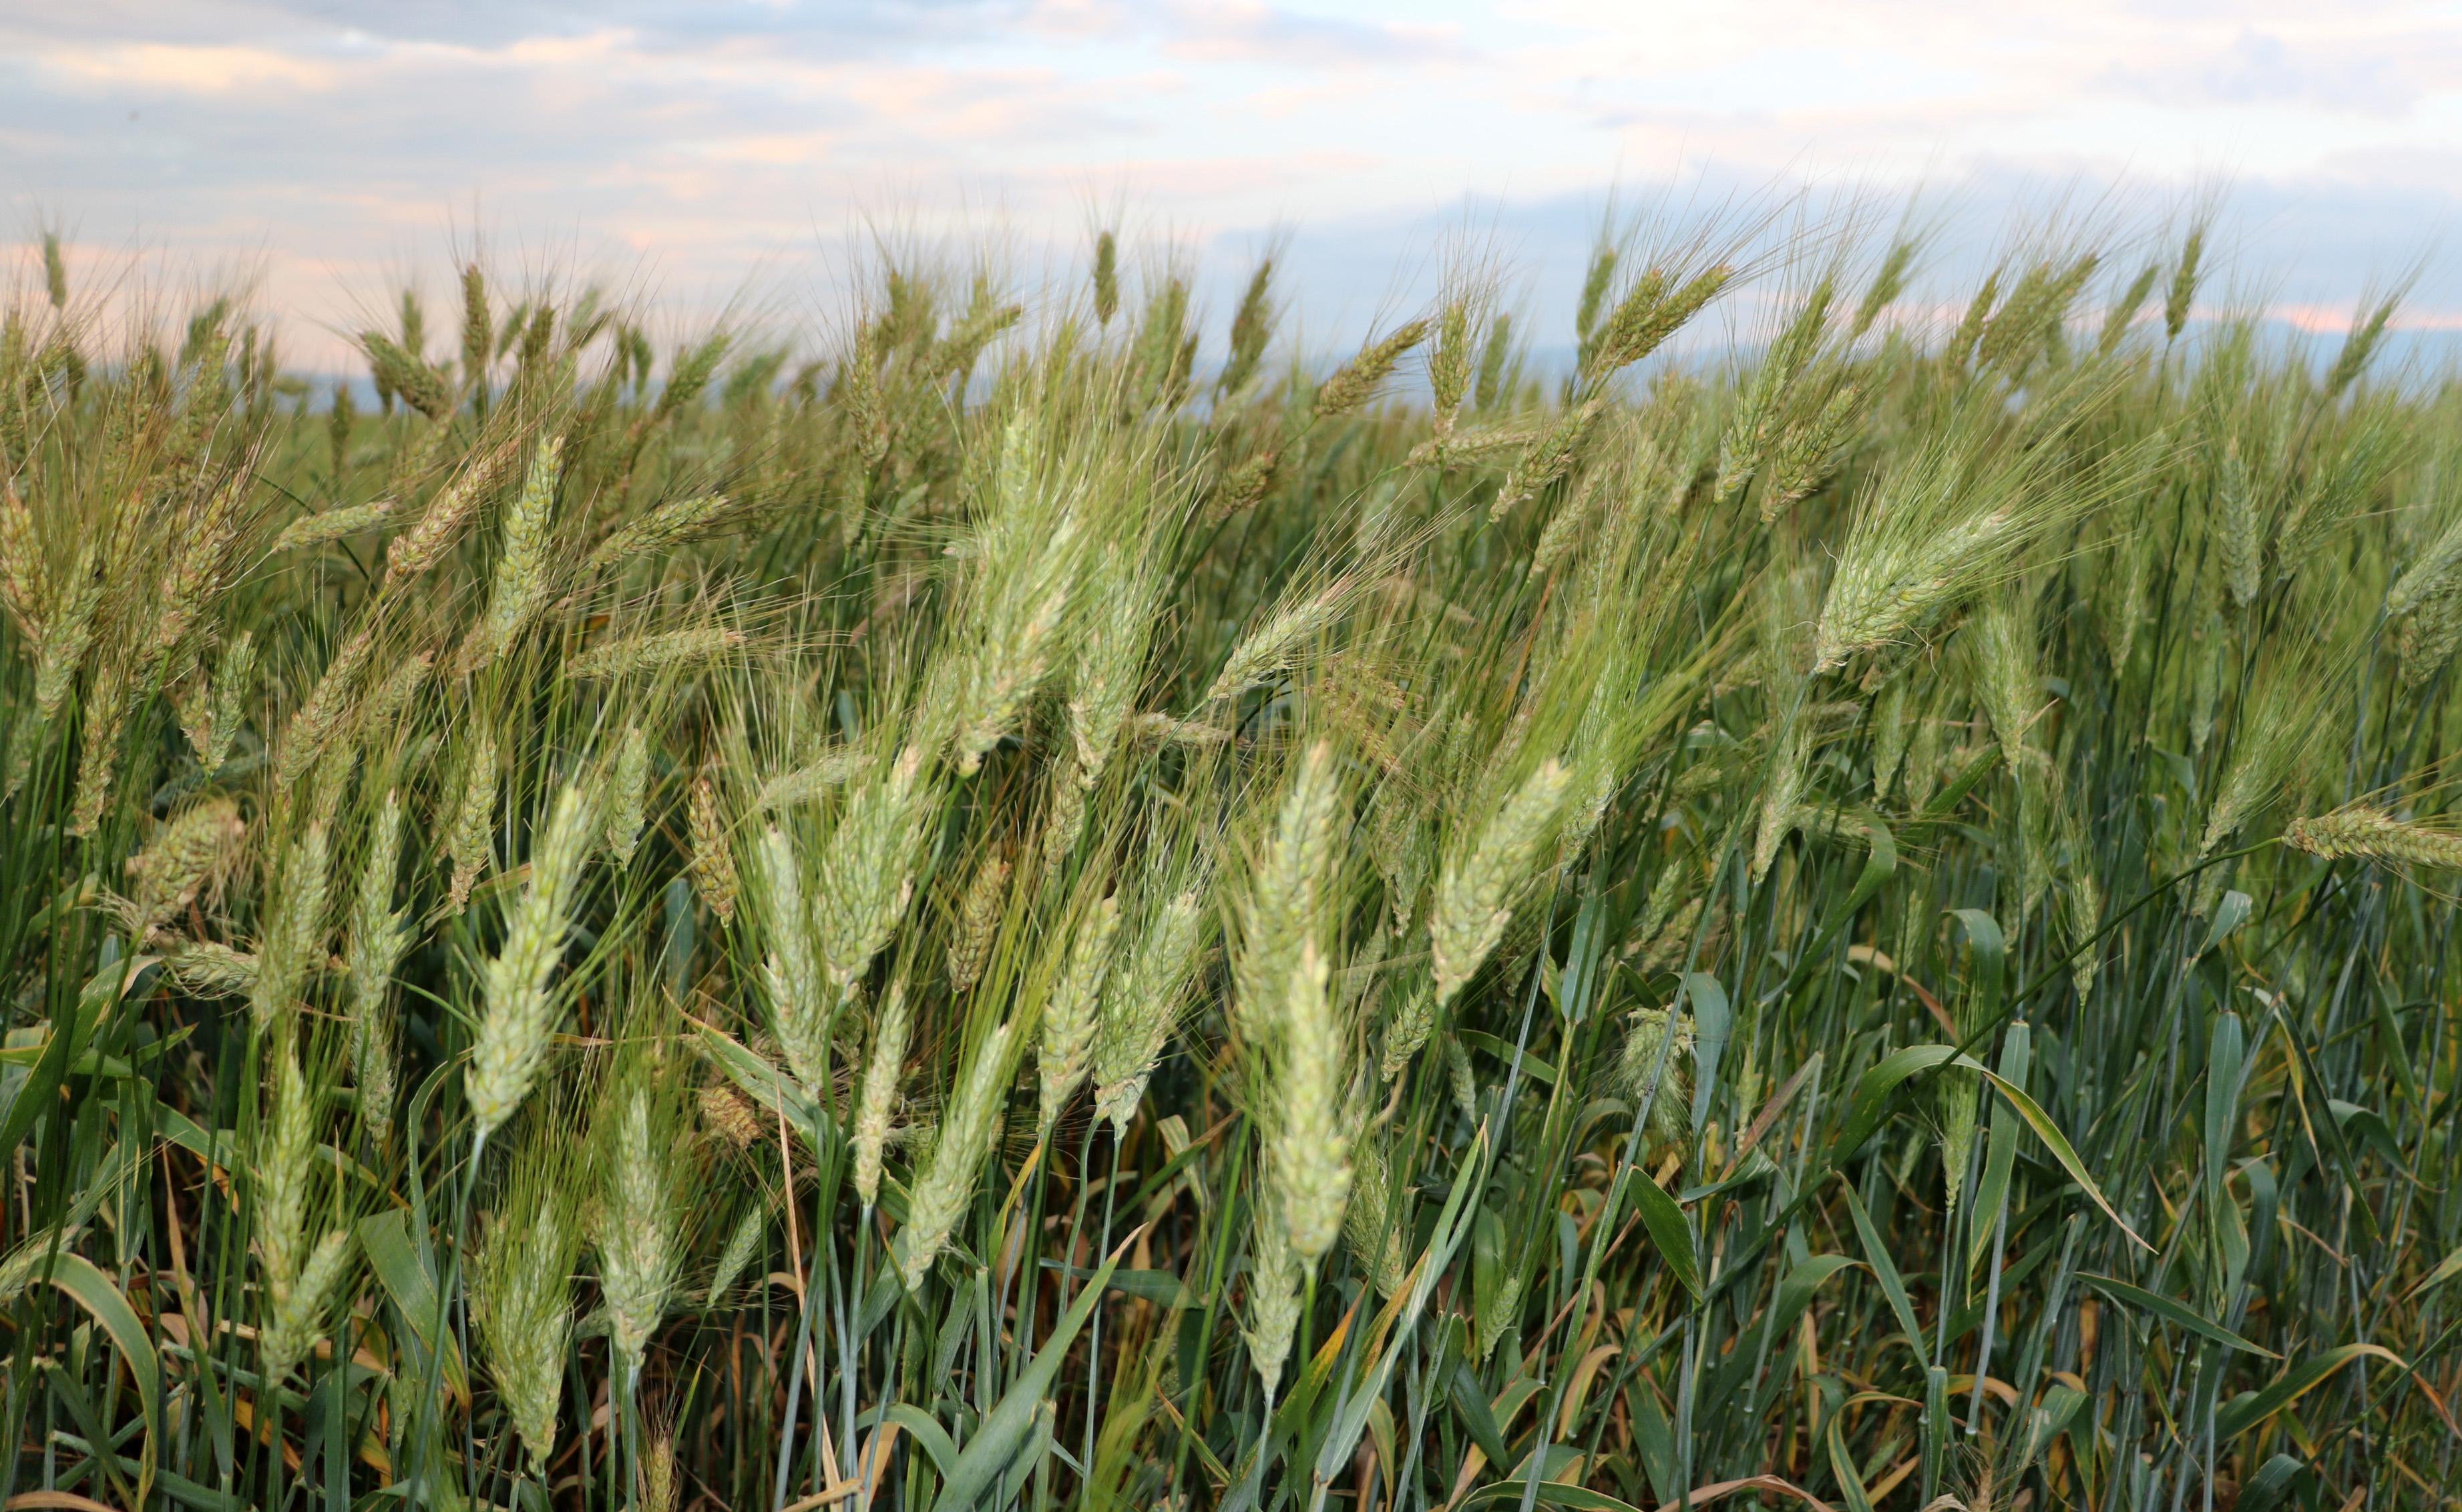 7 bin yıllık buğday tohumunu çoğaltmaya çalışıyor